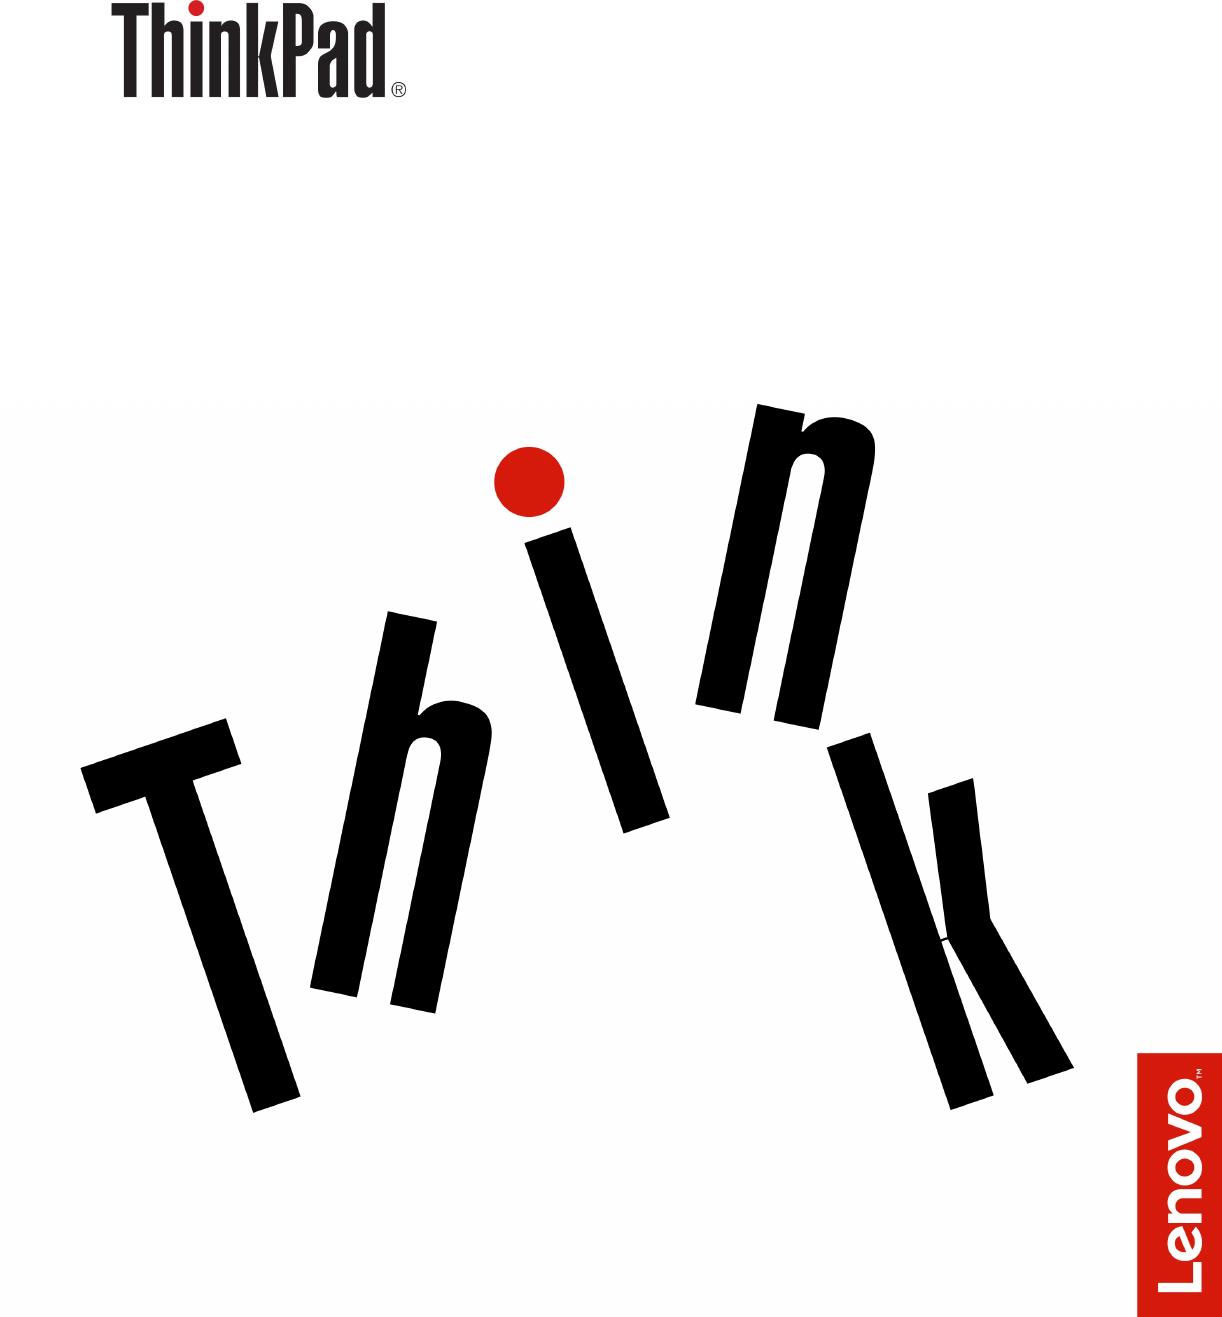 Lenovo E570 E570C E575 Ug Pt Br Guia Do Usuário ThinkPad